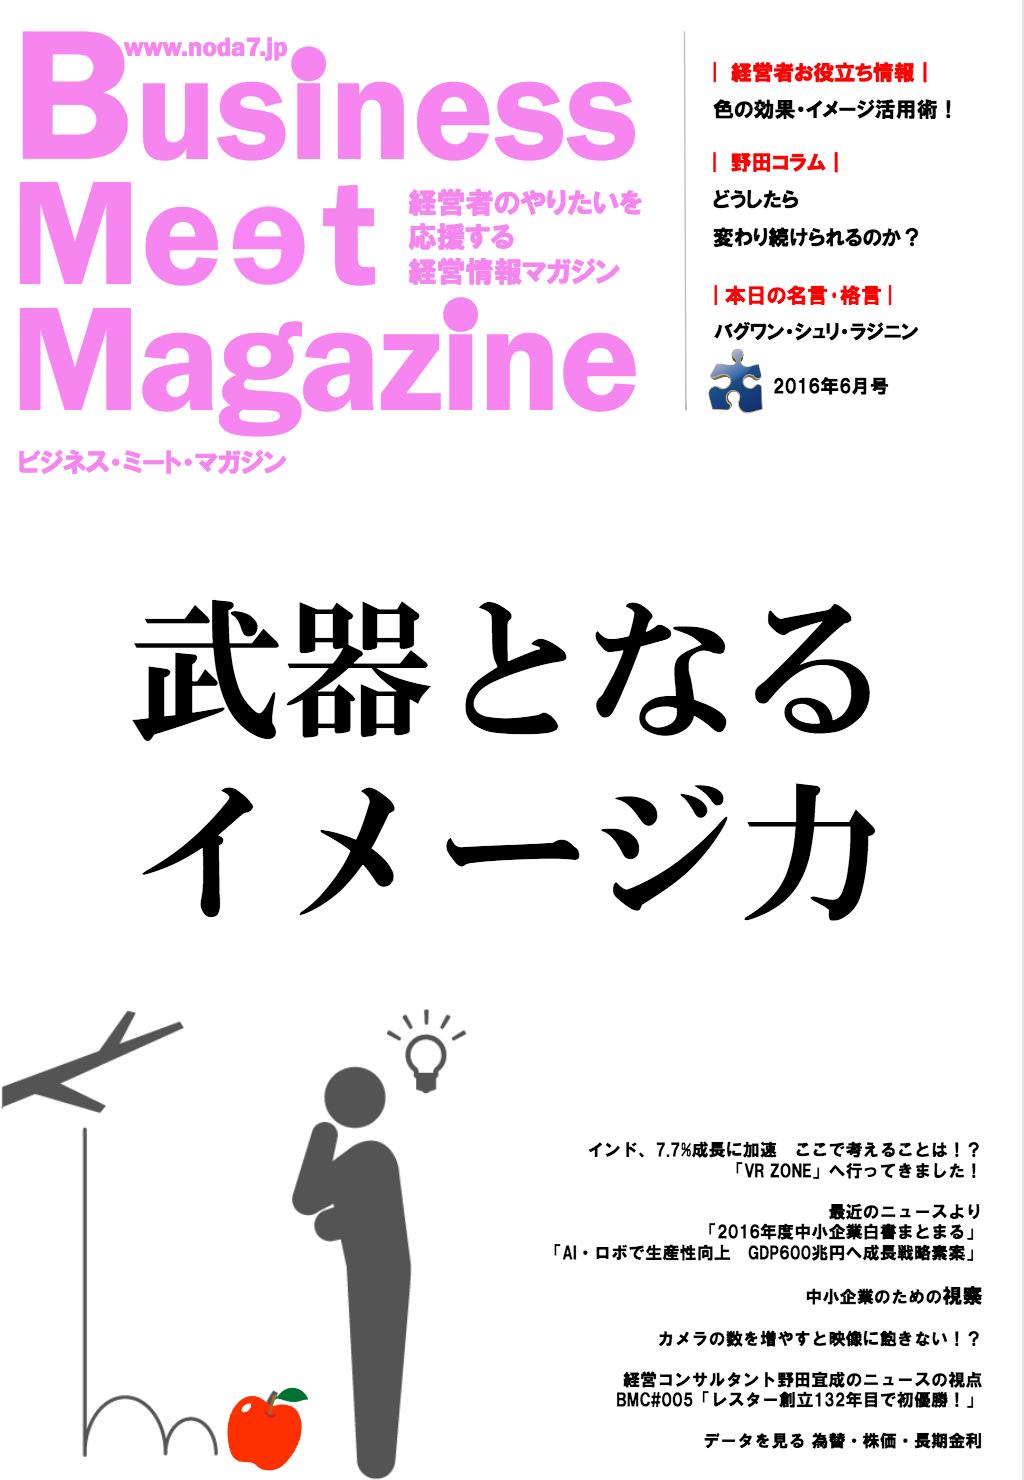 [雑誌]BMM2016年6月号「武器となるイメージ力」